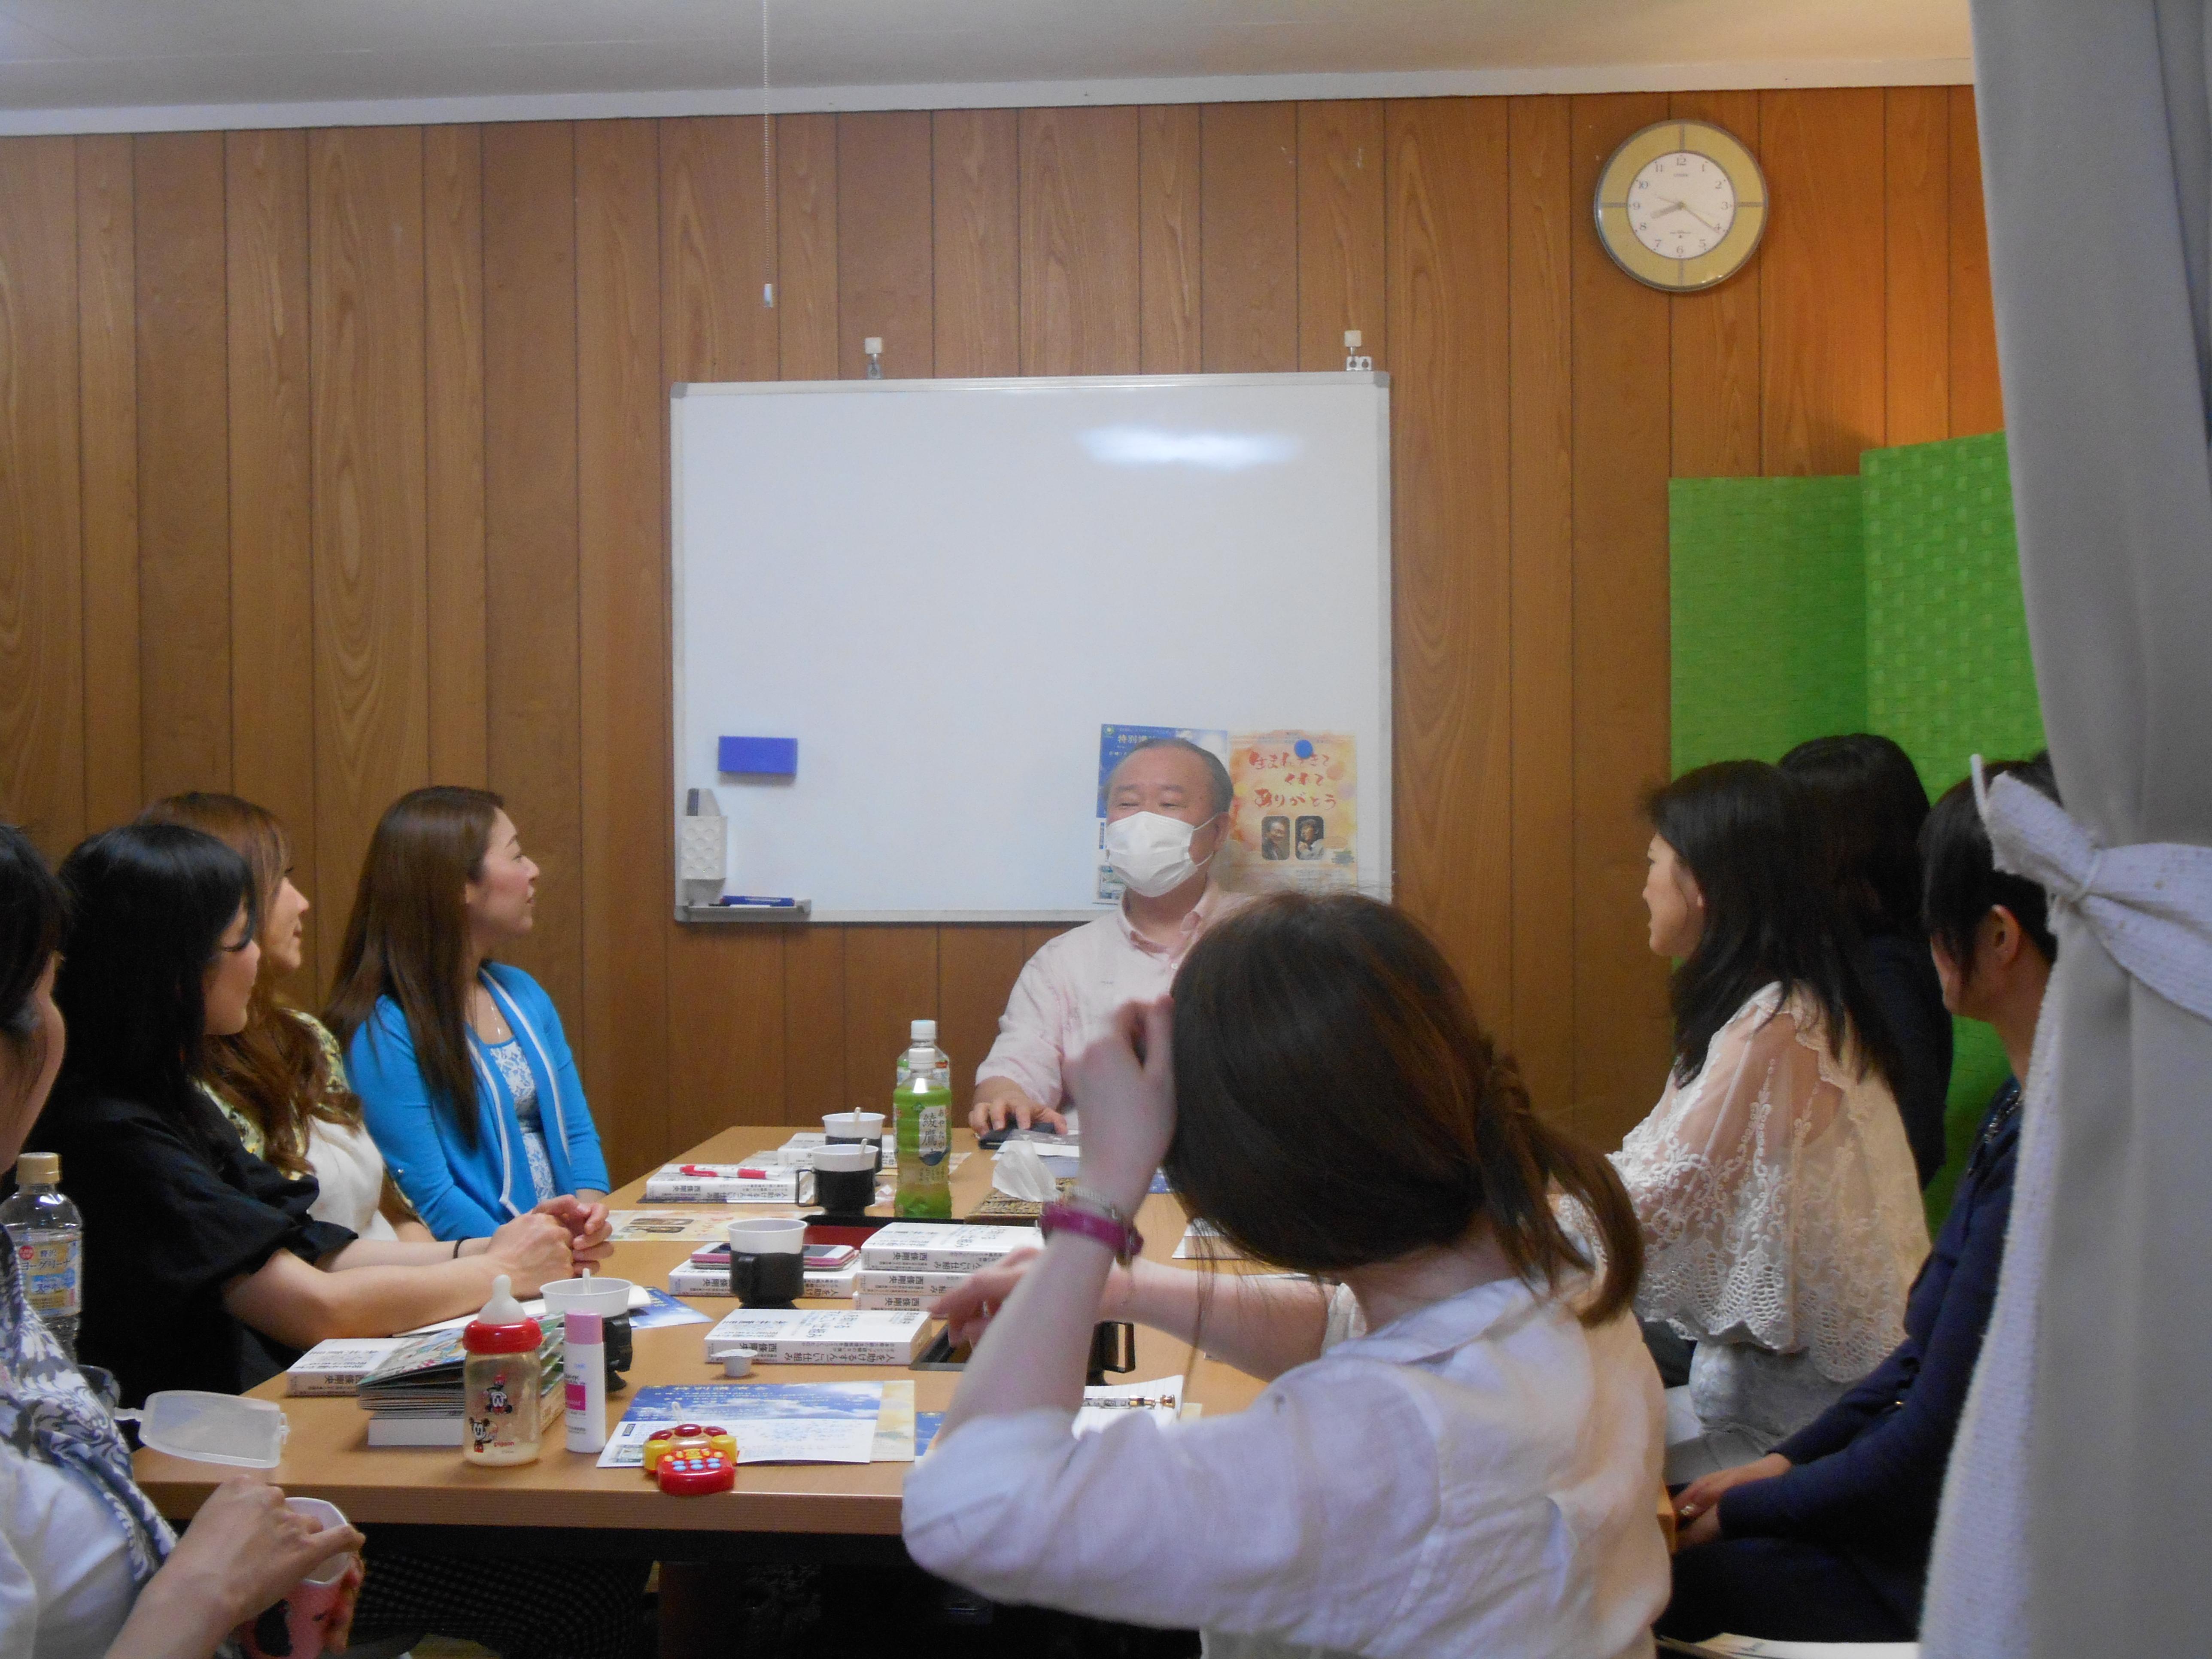 DSCN1647 - 愛の子育て塾14期第4講座